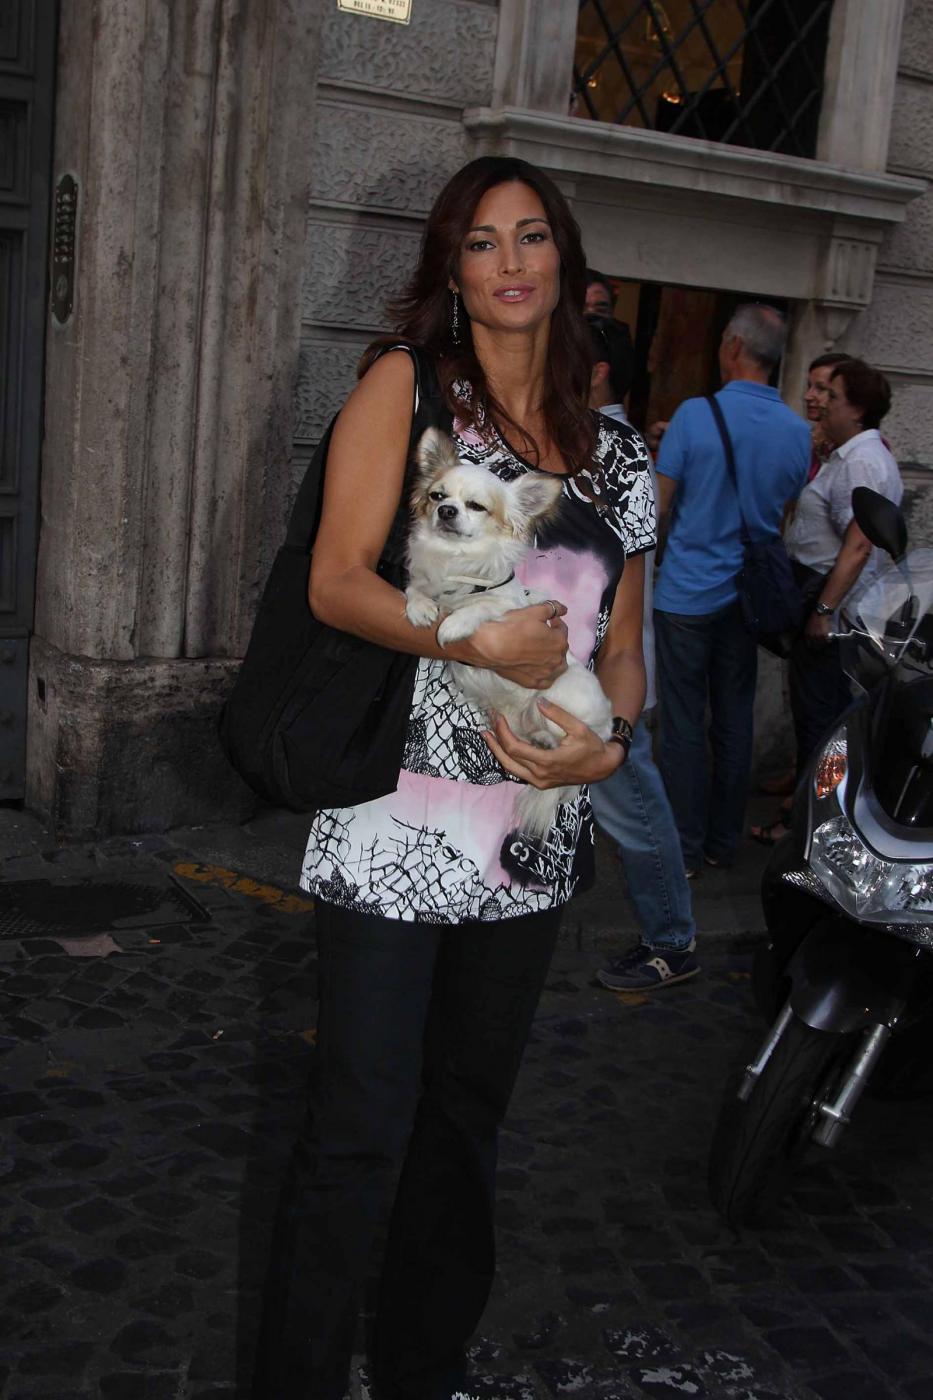 Manuela Arcuri i con il suo chihuahua06